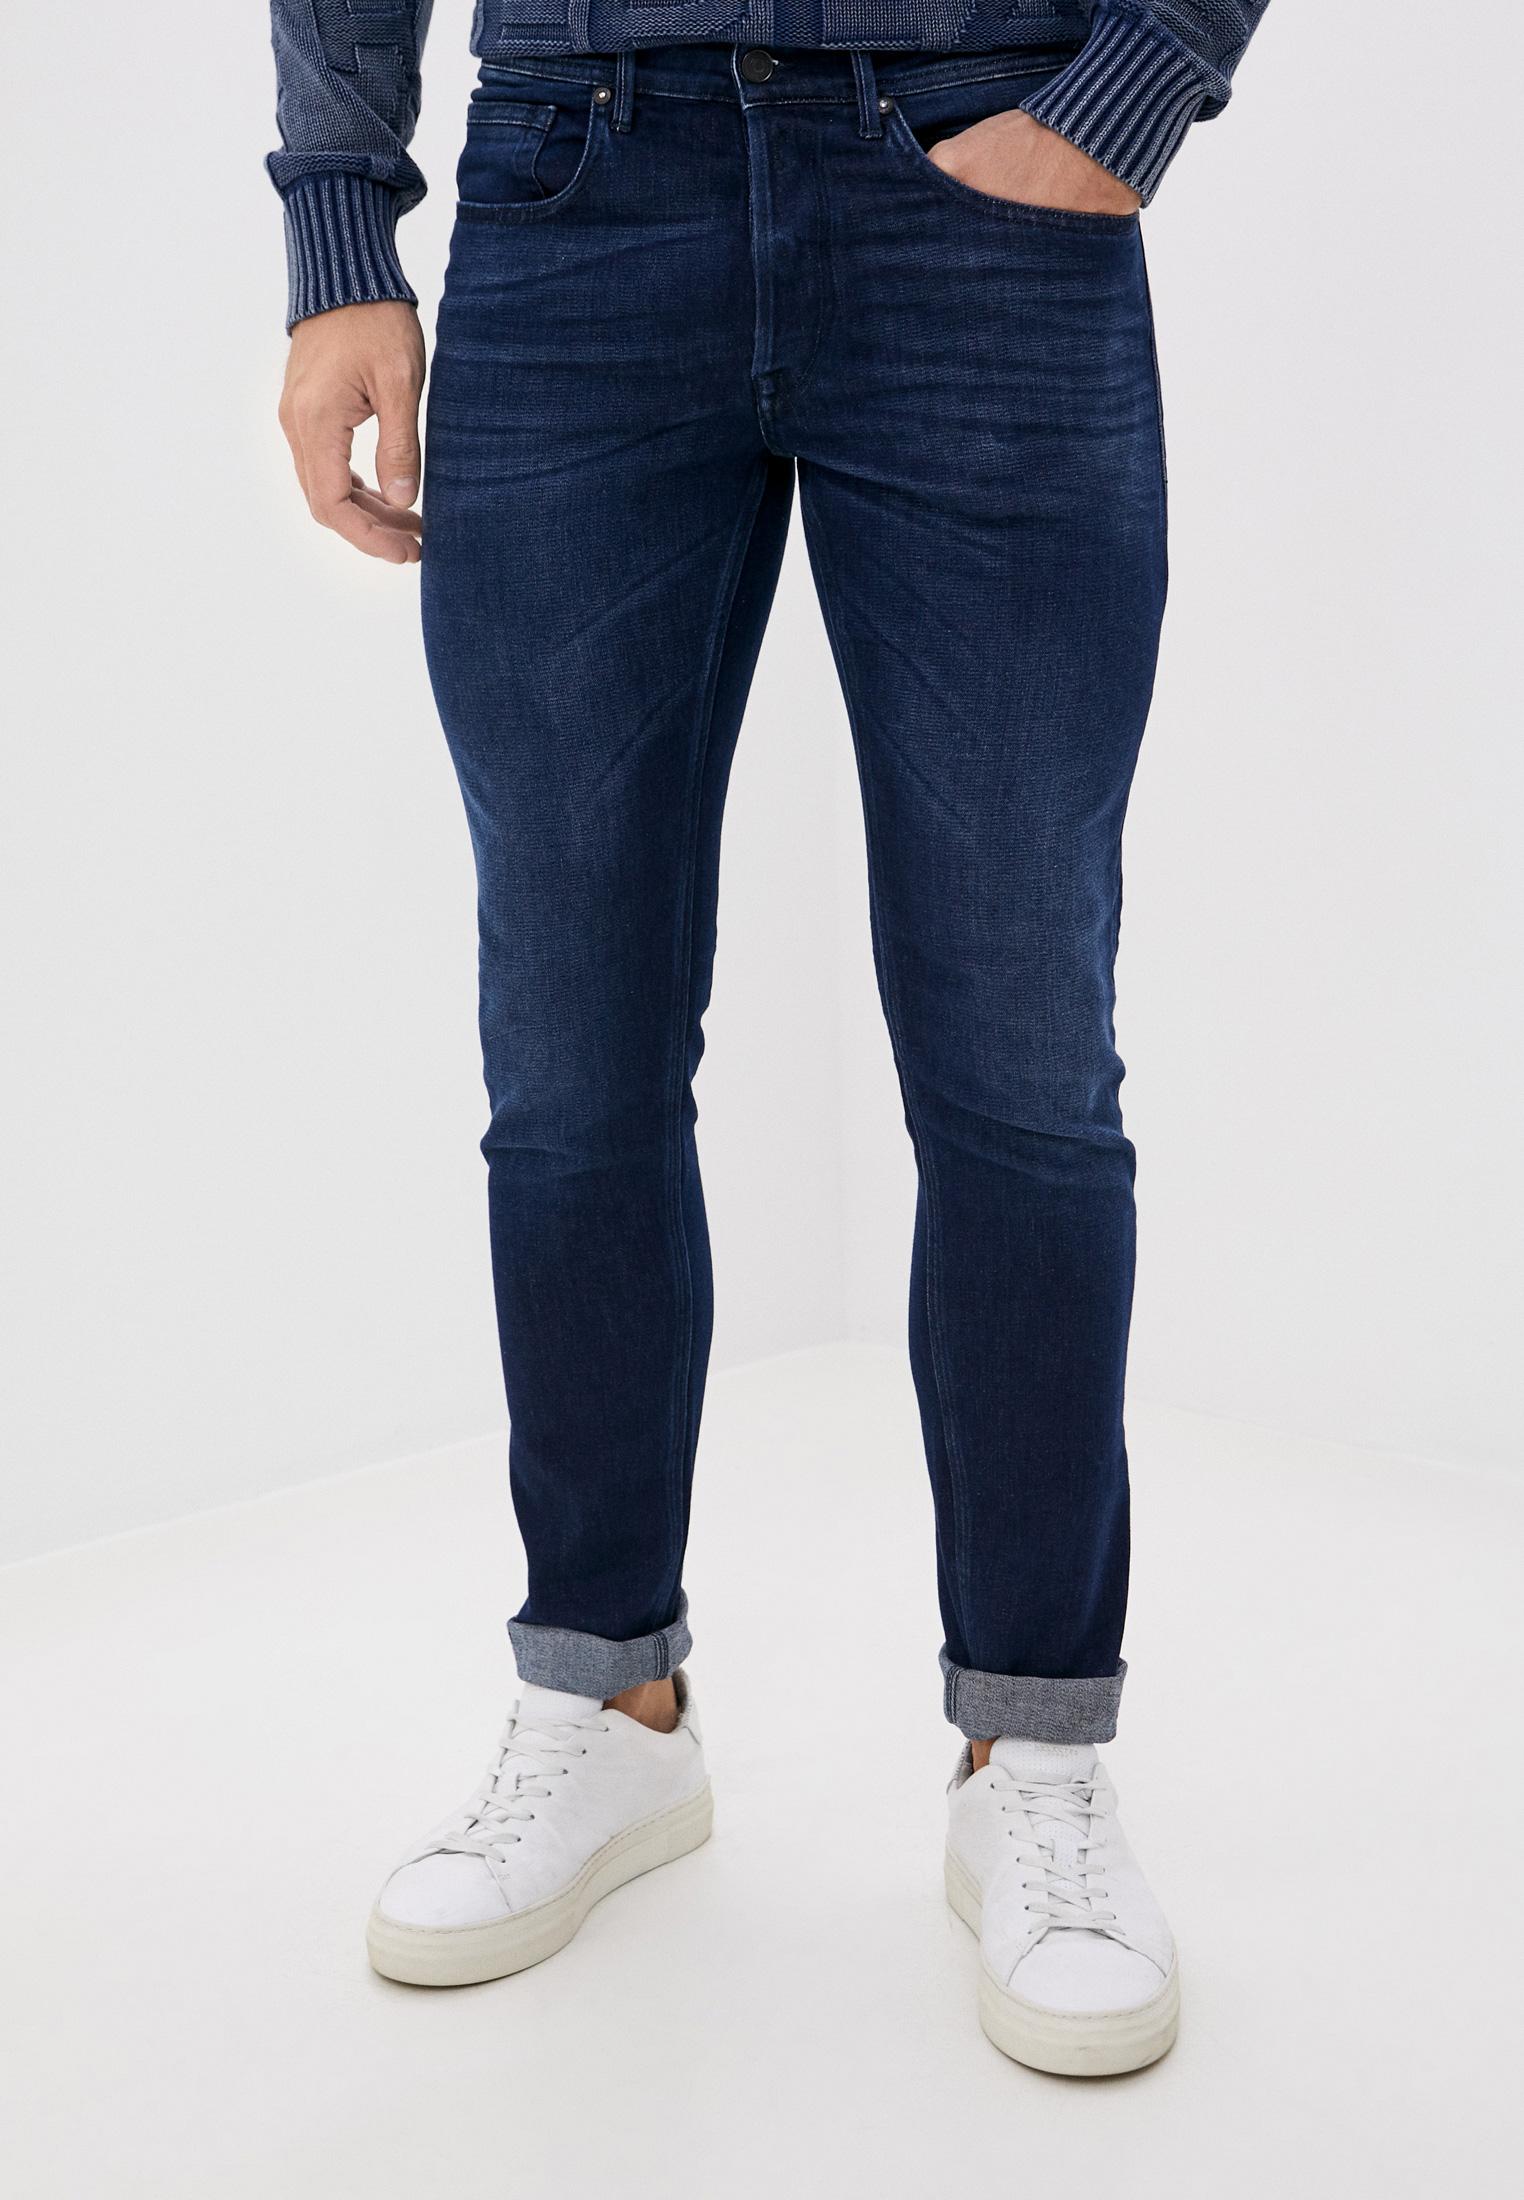 Зауженные джинсы Replay (Реплей) M1008.000.35376A